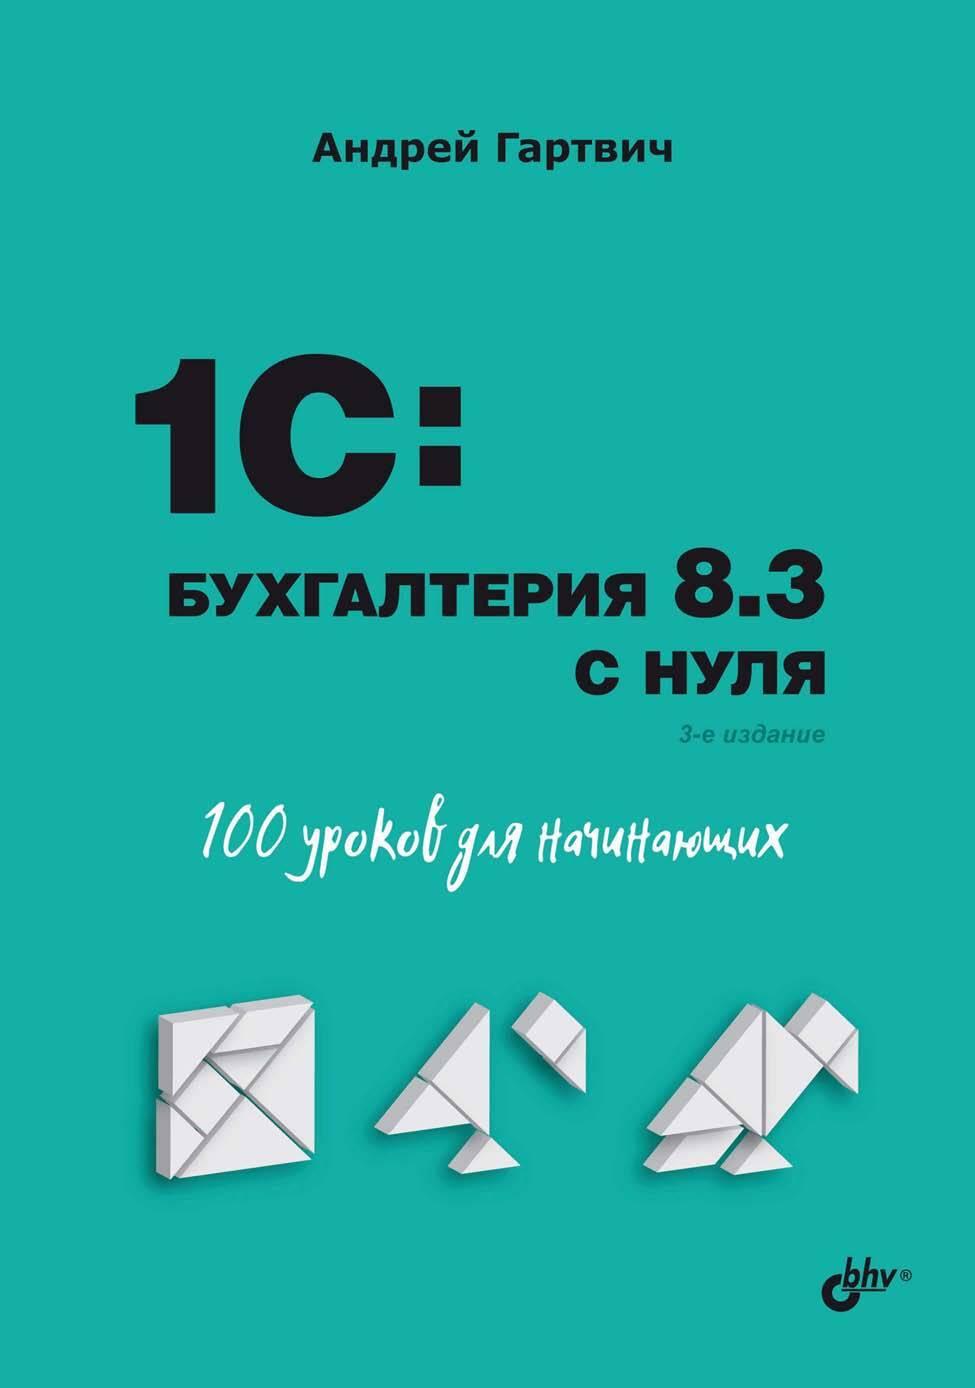 Андрей Гартвич 1С:Бухгалтерия 8.3 с нуля. 101 урок для начинающих стоимость